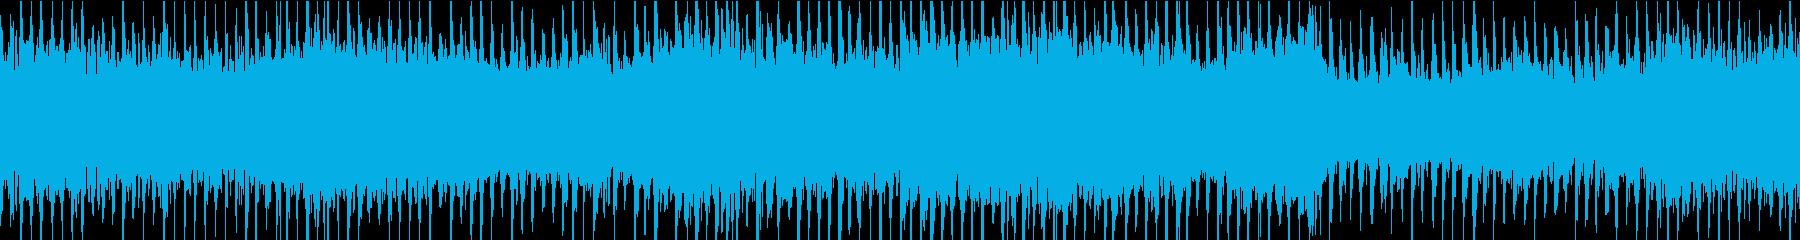 イルミネーションBGM③ビート感:ループの再生済みの波形